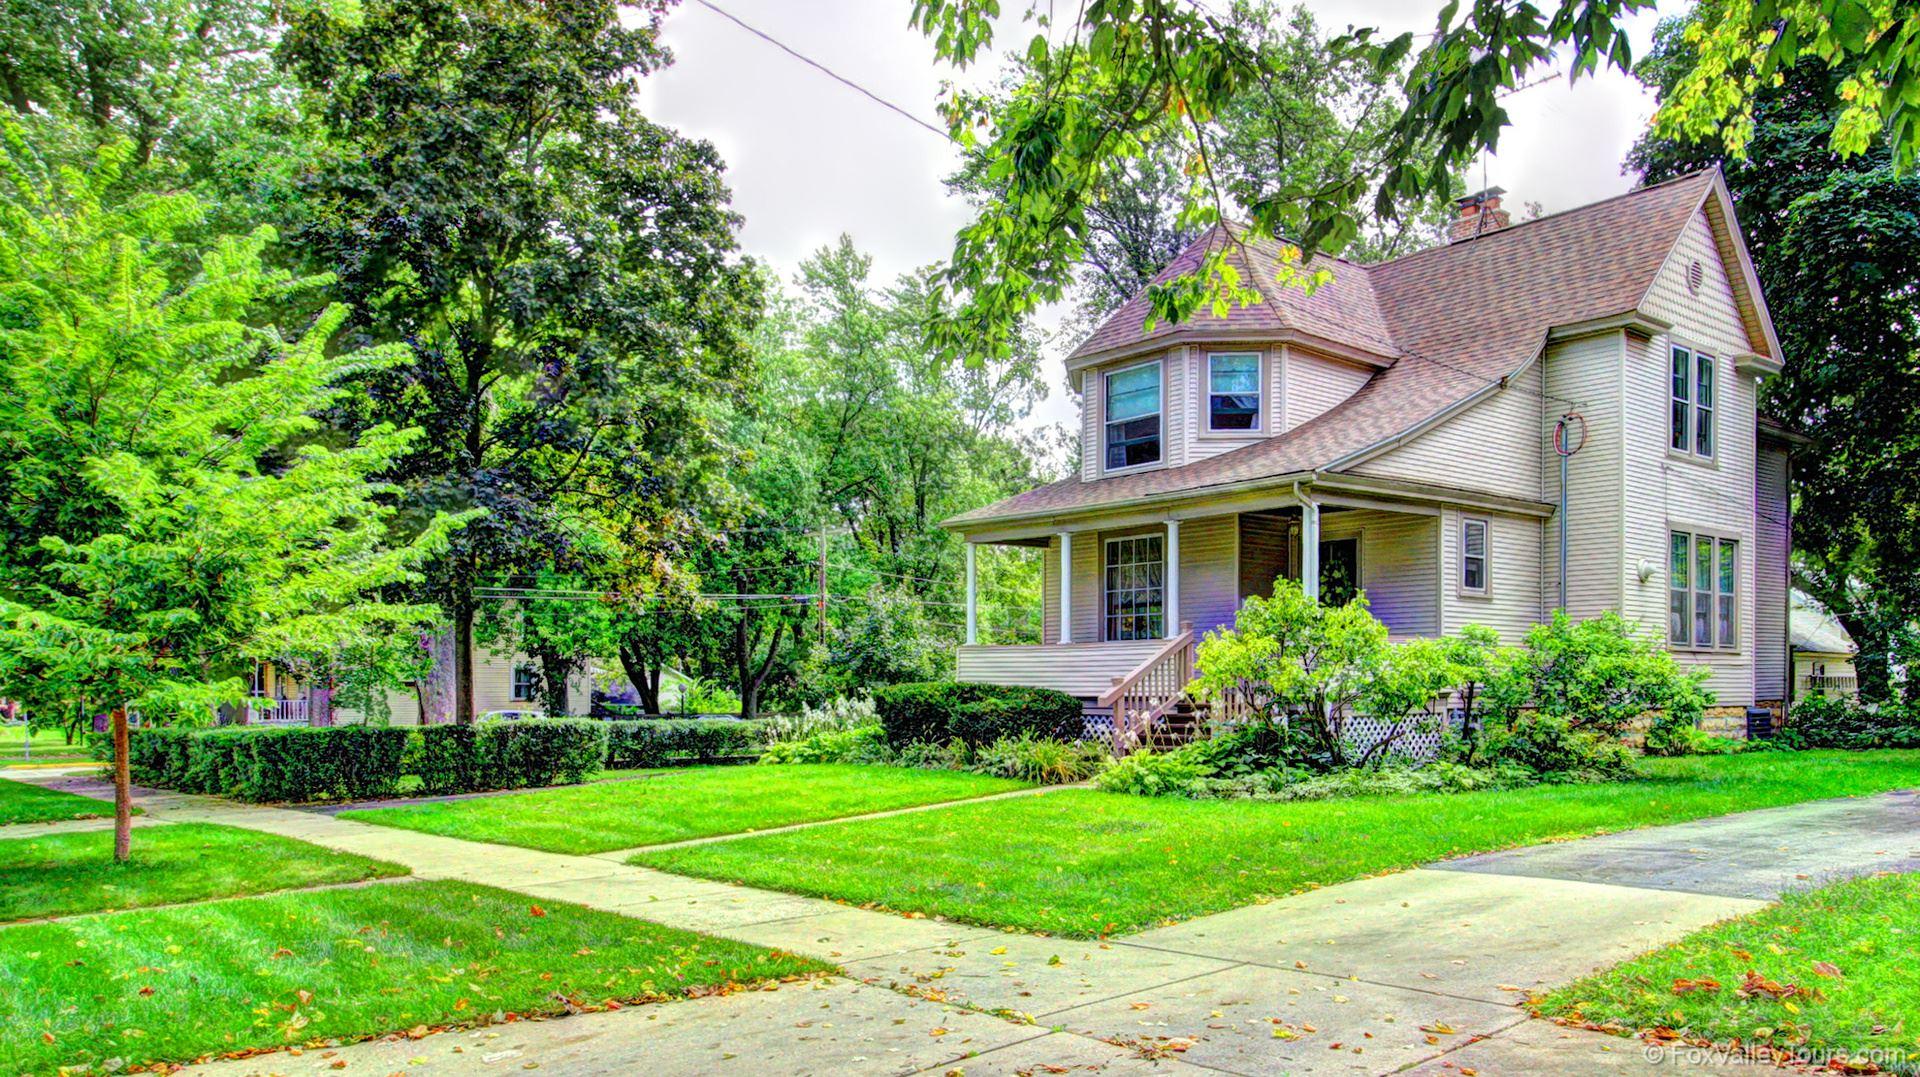 706 Garfield Avenue, Aurora, IL 60506 - #: 10669869